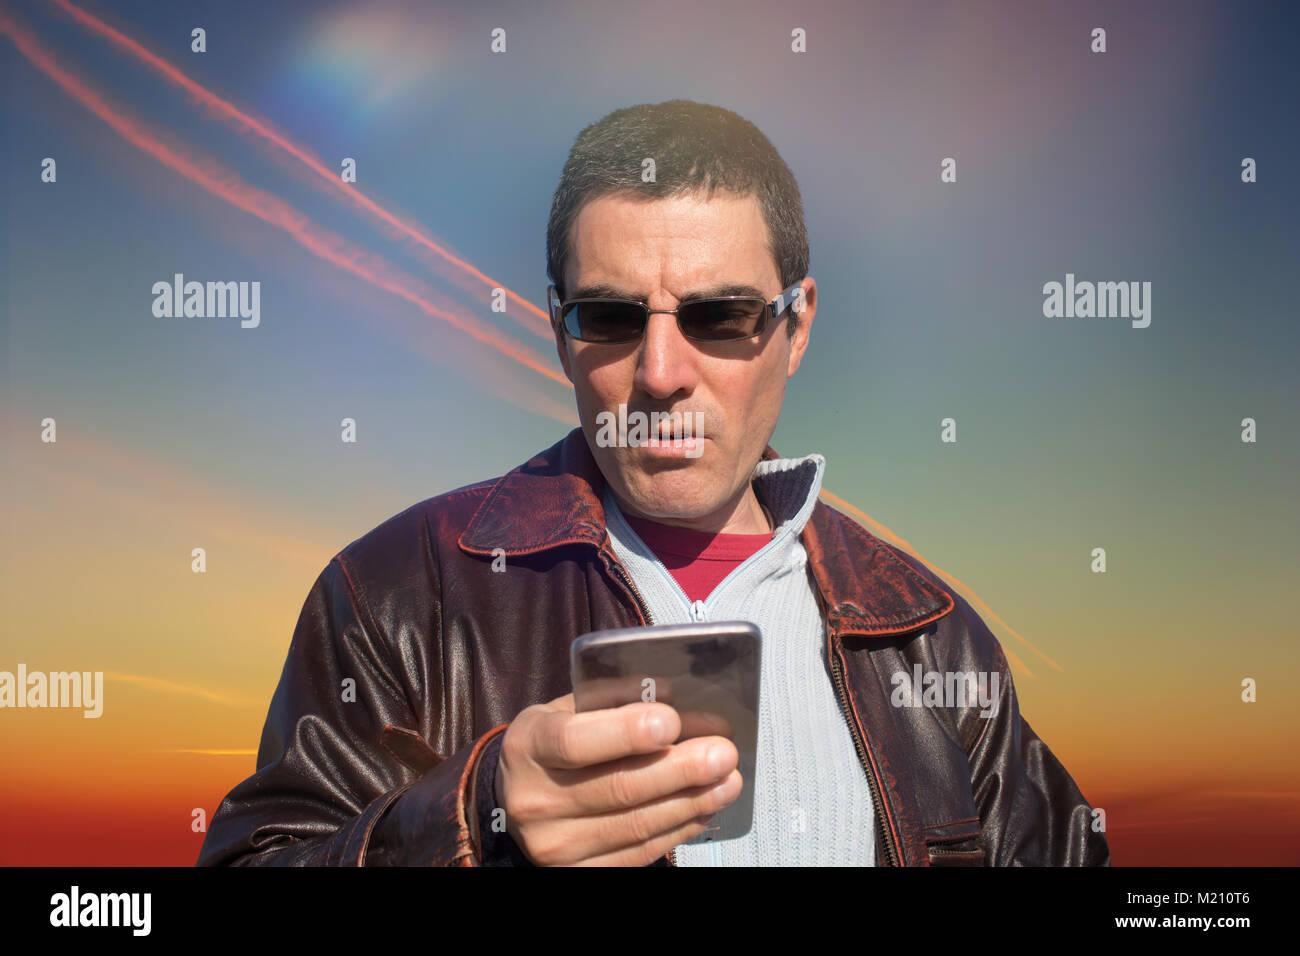 Hombre caucásicos de mediana edad, vestidos informales, la lectura de un mensaje recibido en su smartphone. Imagen De Stock